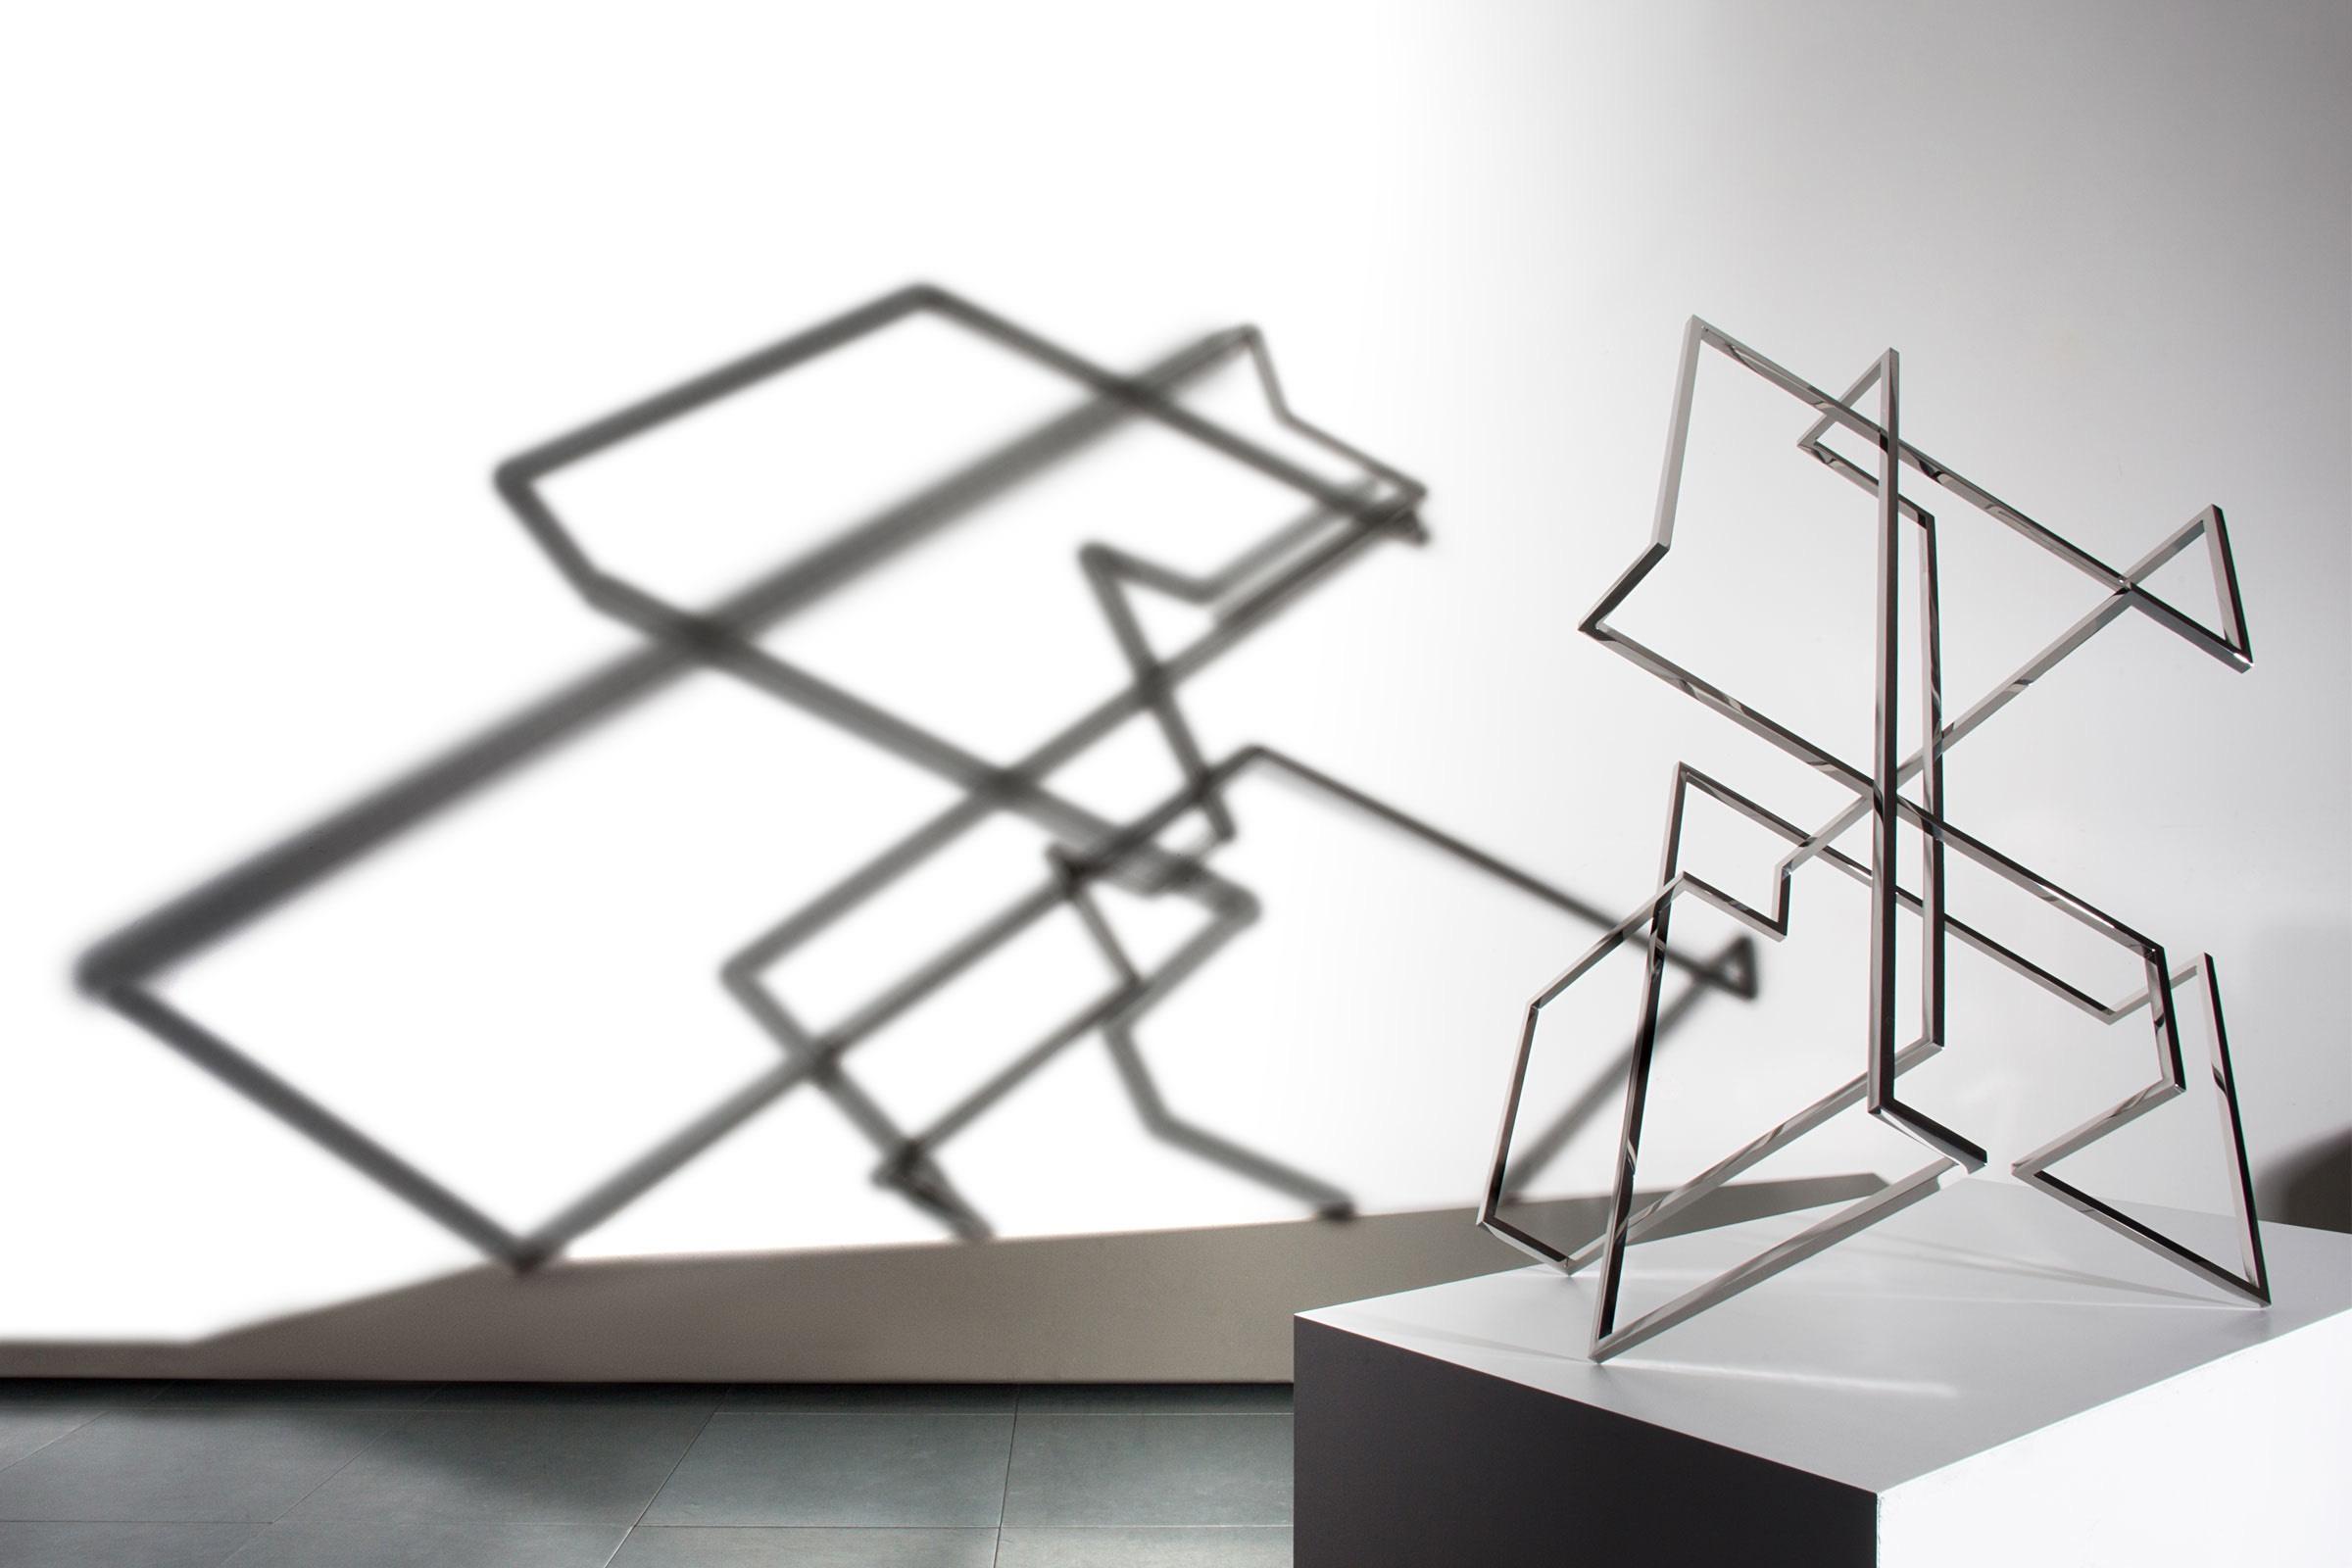 Arturo Berned's sculpture